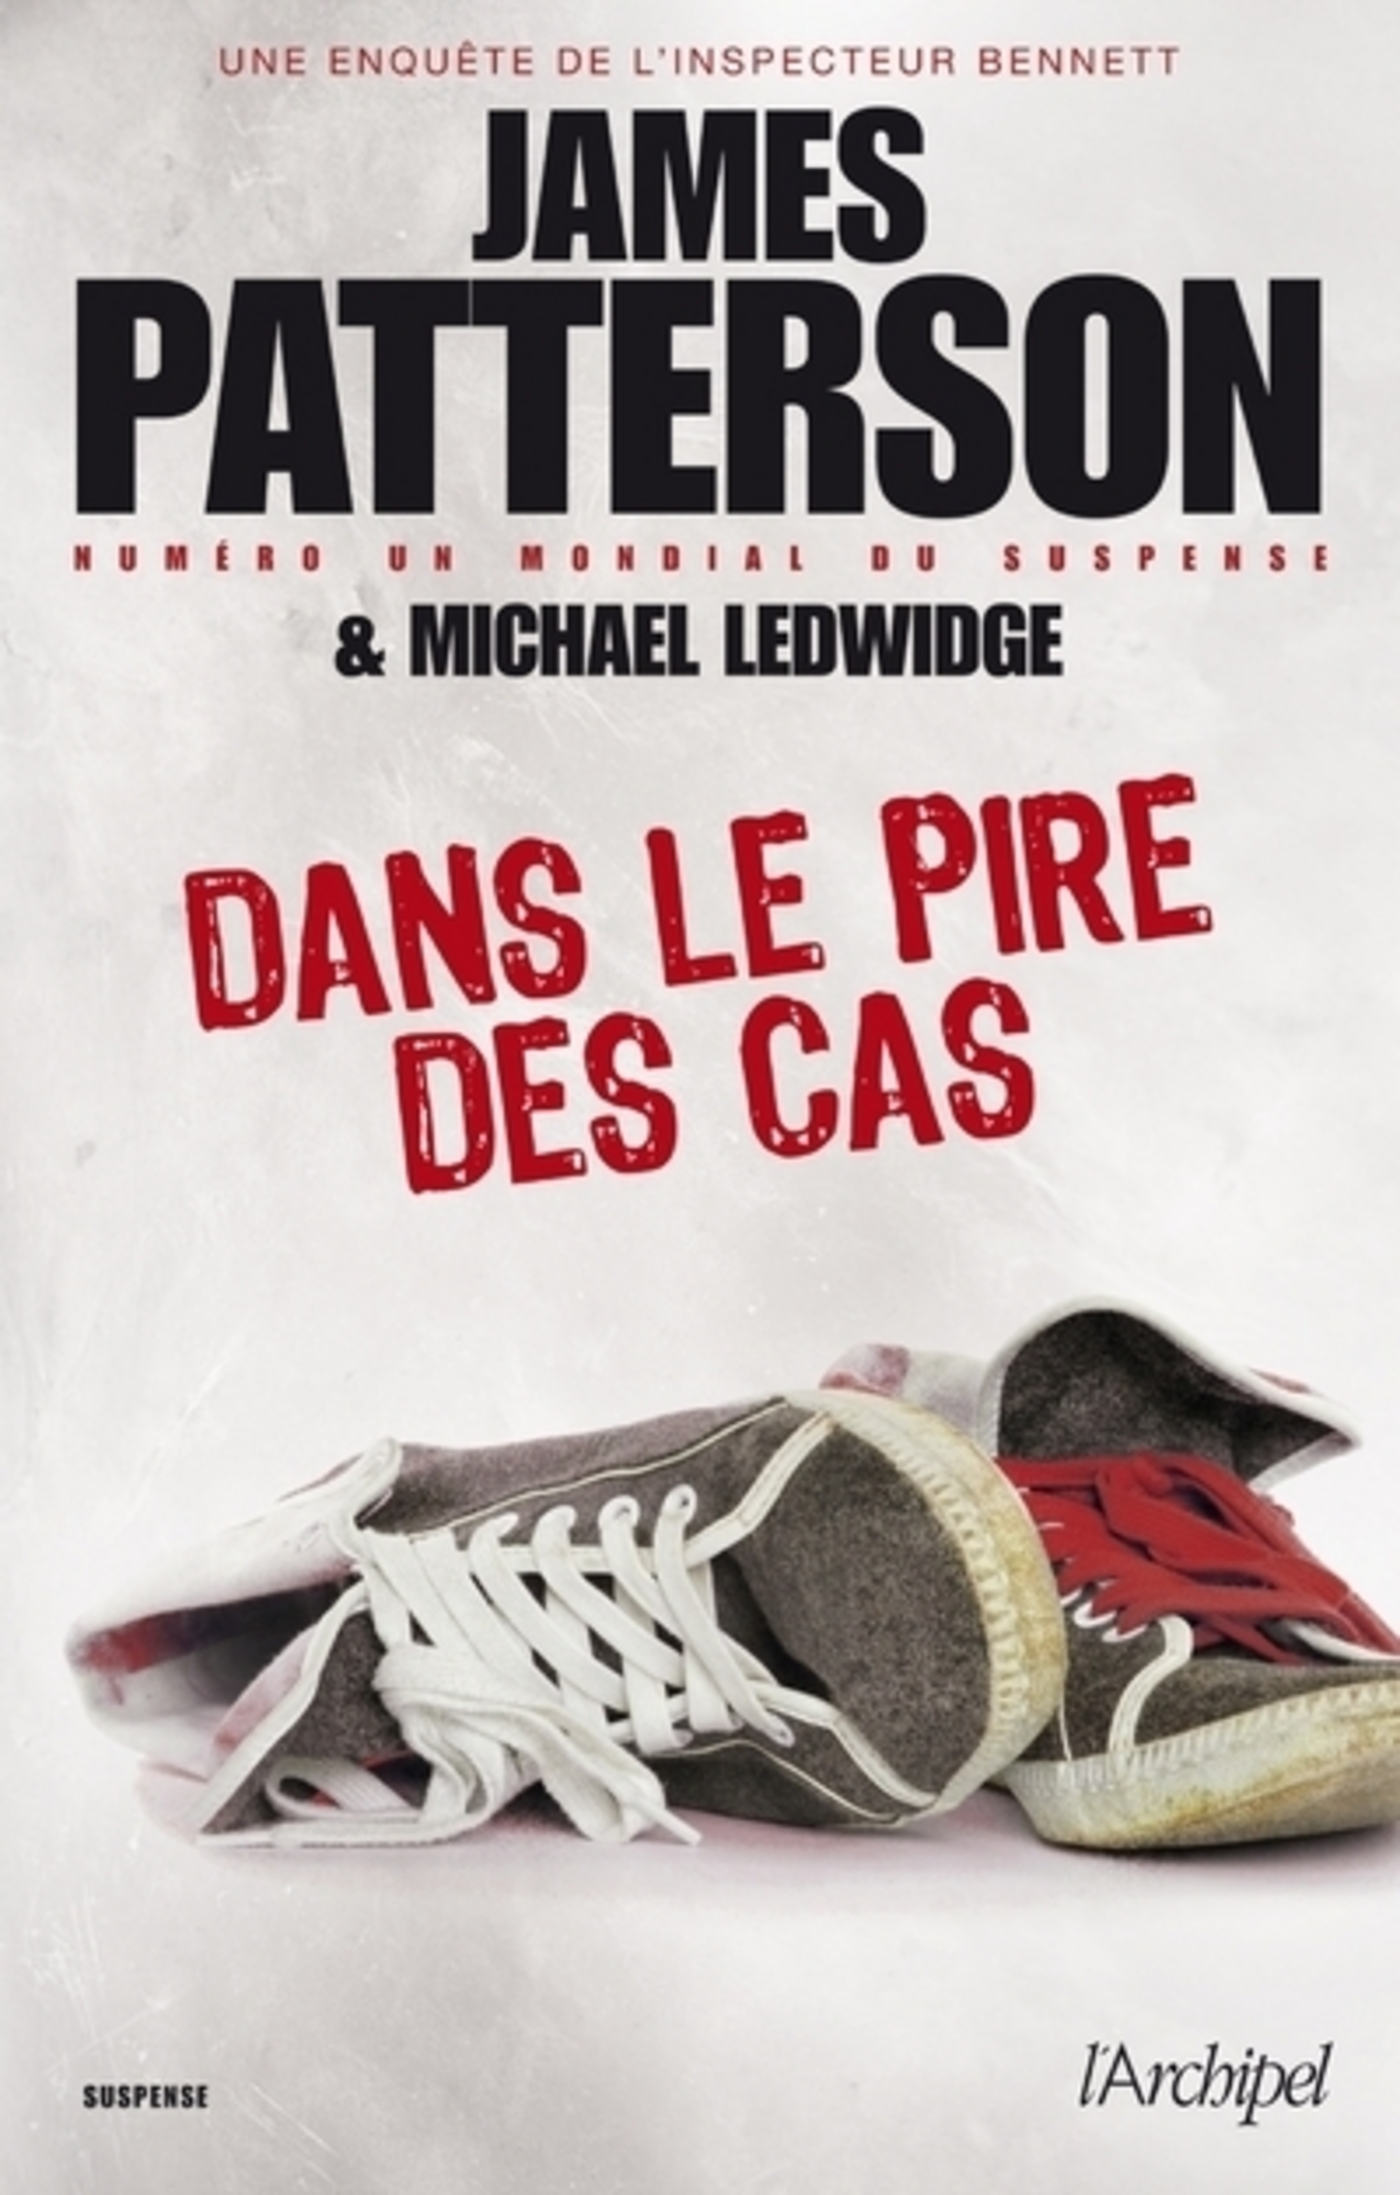 Couverture : Dans le pire des cas James Patterson, Michael Ledwidge